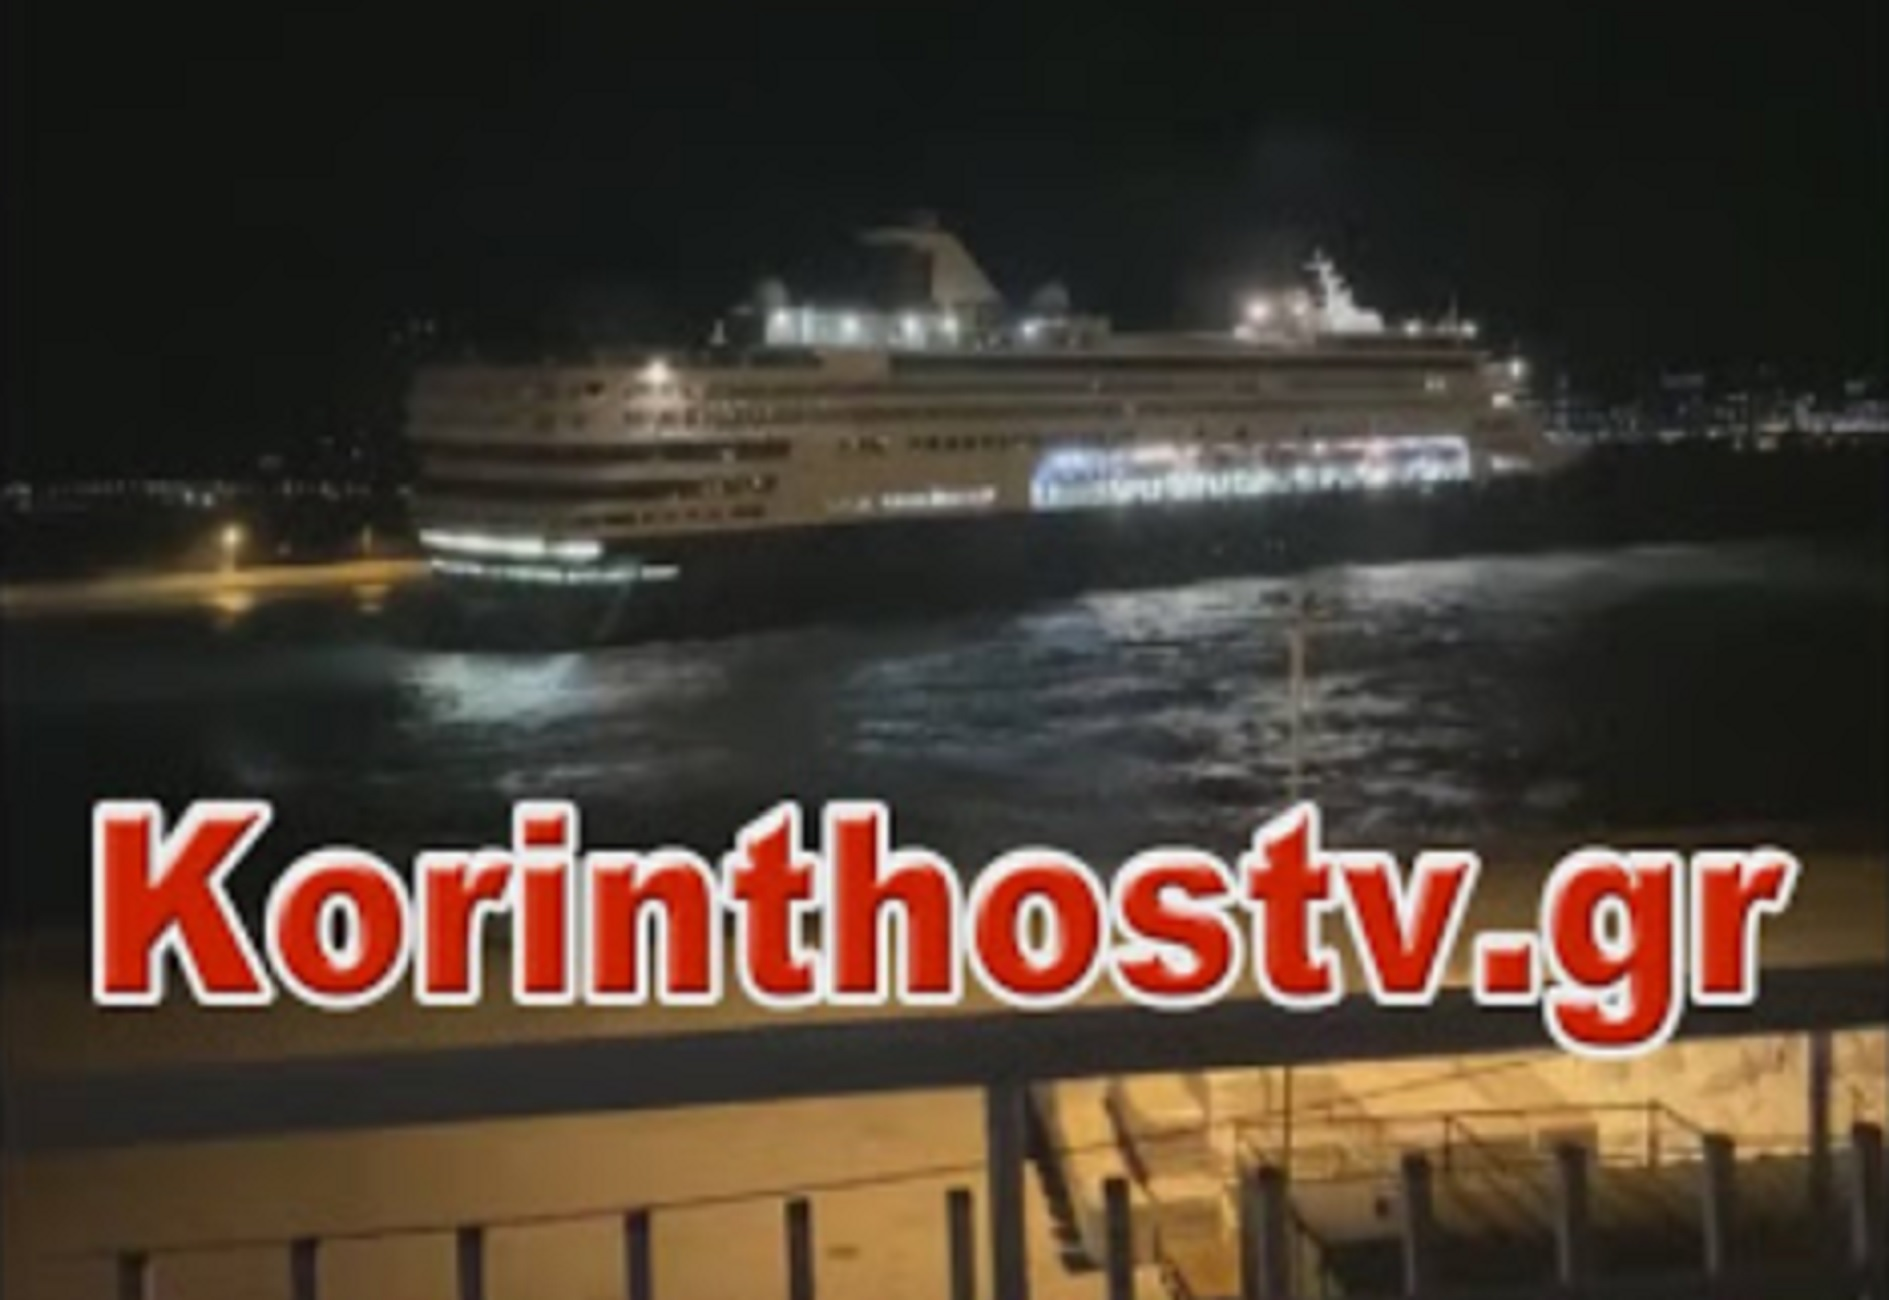 Κόρινθος: Η στιγμή που άνεμοι 9 μποφόρ σπάνε τους κάβους και παρασύρουν το κρουαζιερόπλοιο εκτός λιμανιού (Βίντεο)